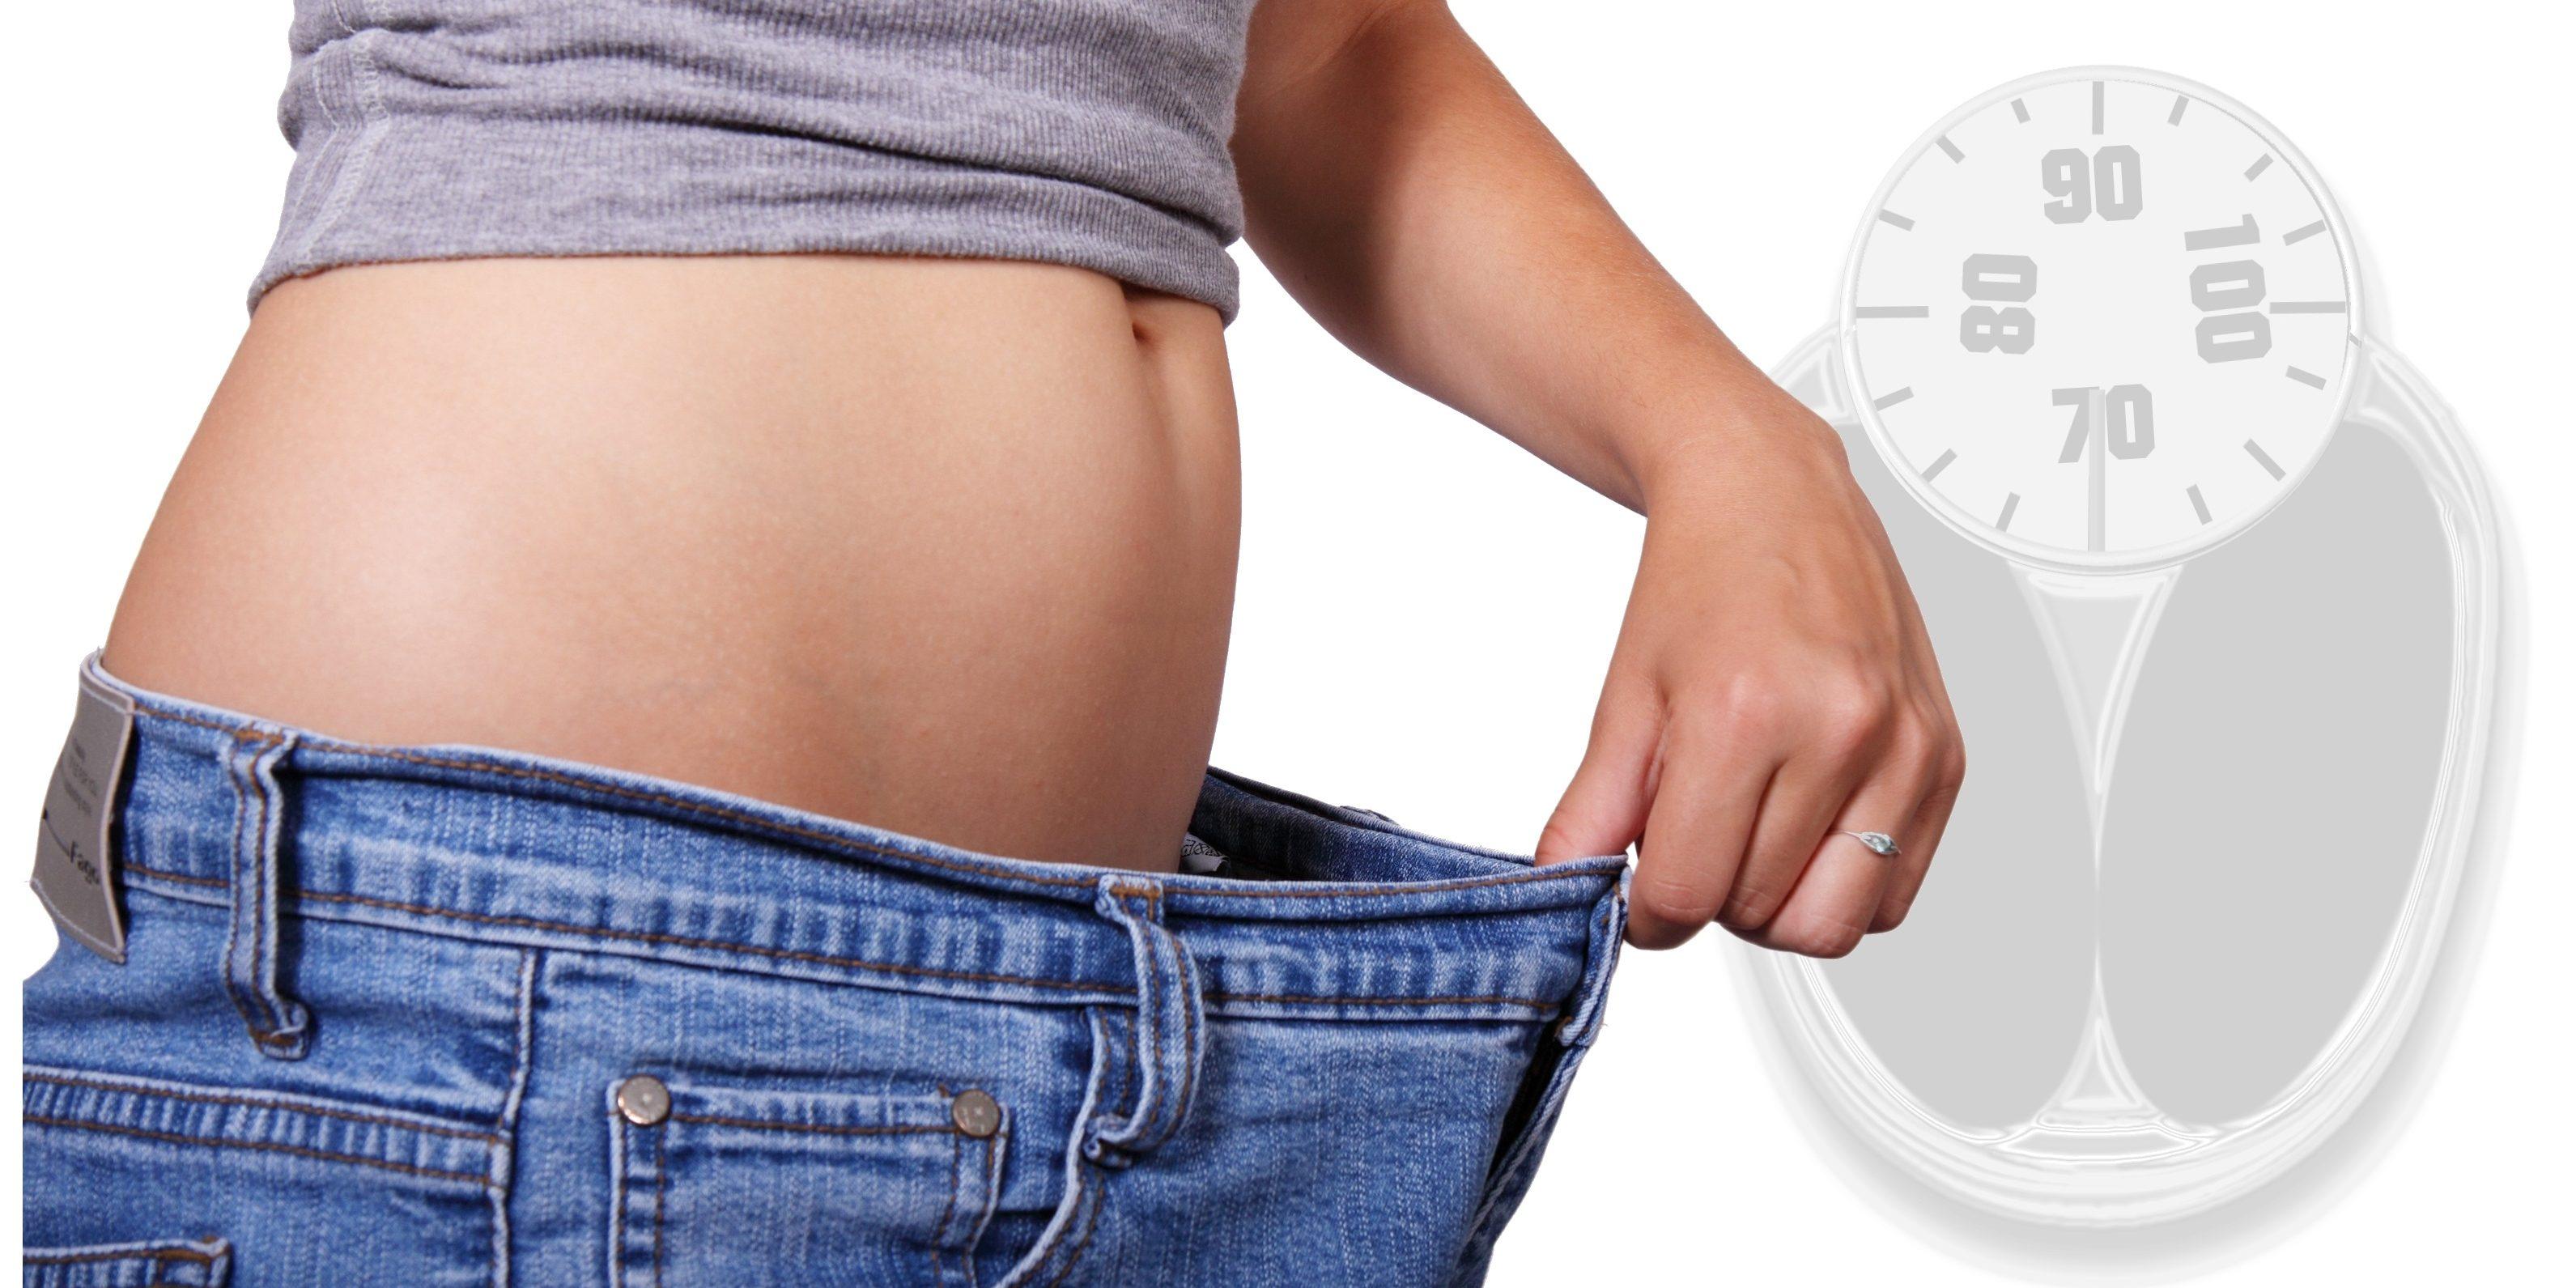 A slăbit 25 de kilograme, fără să meargă la sală și fără să țină dietă. Cum a reușit?